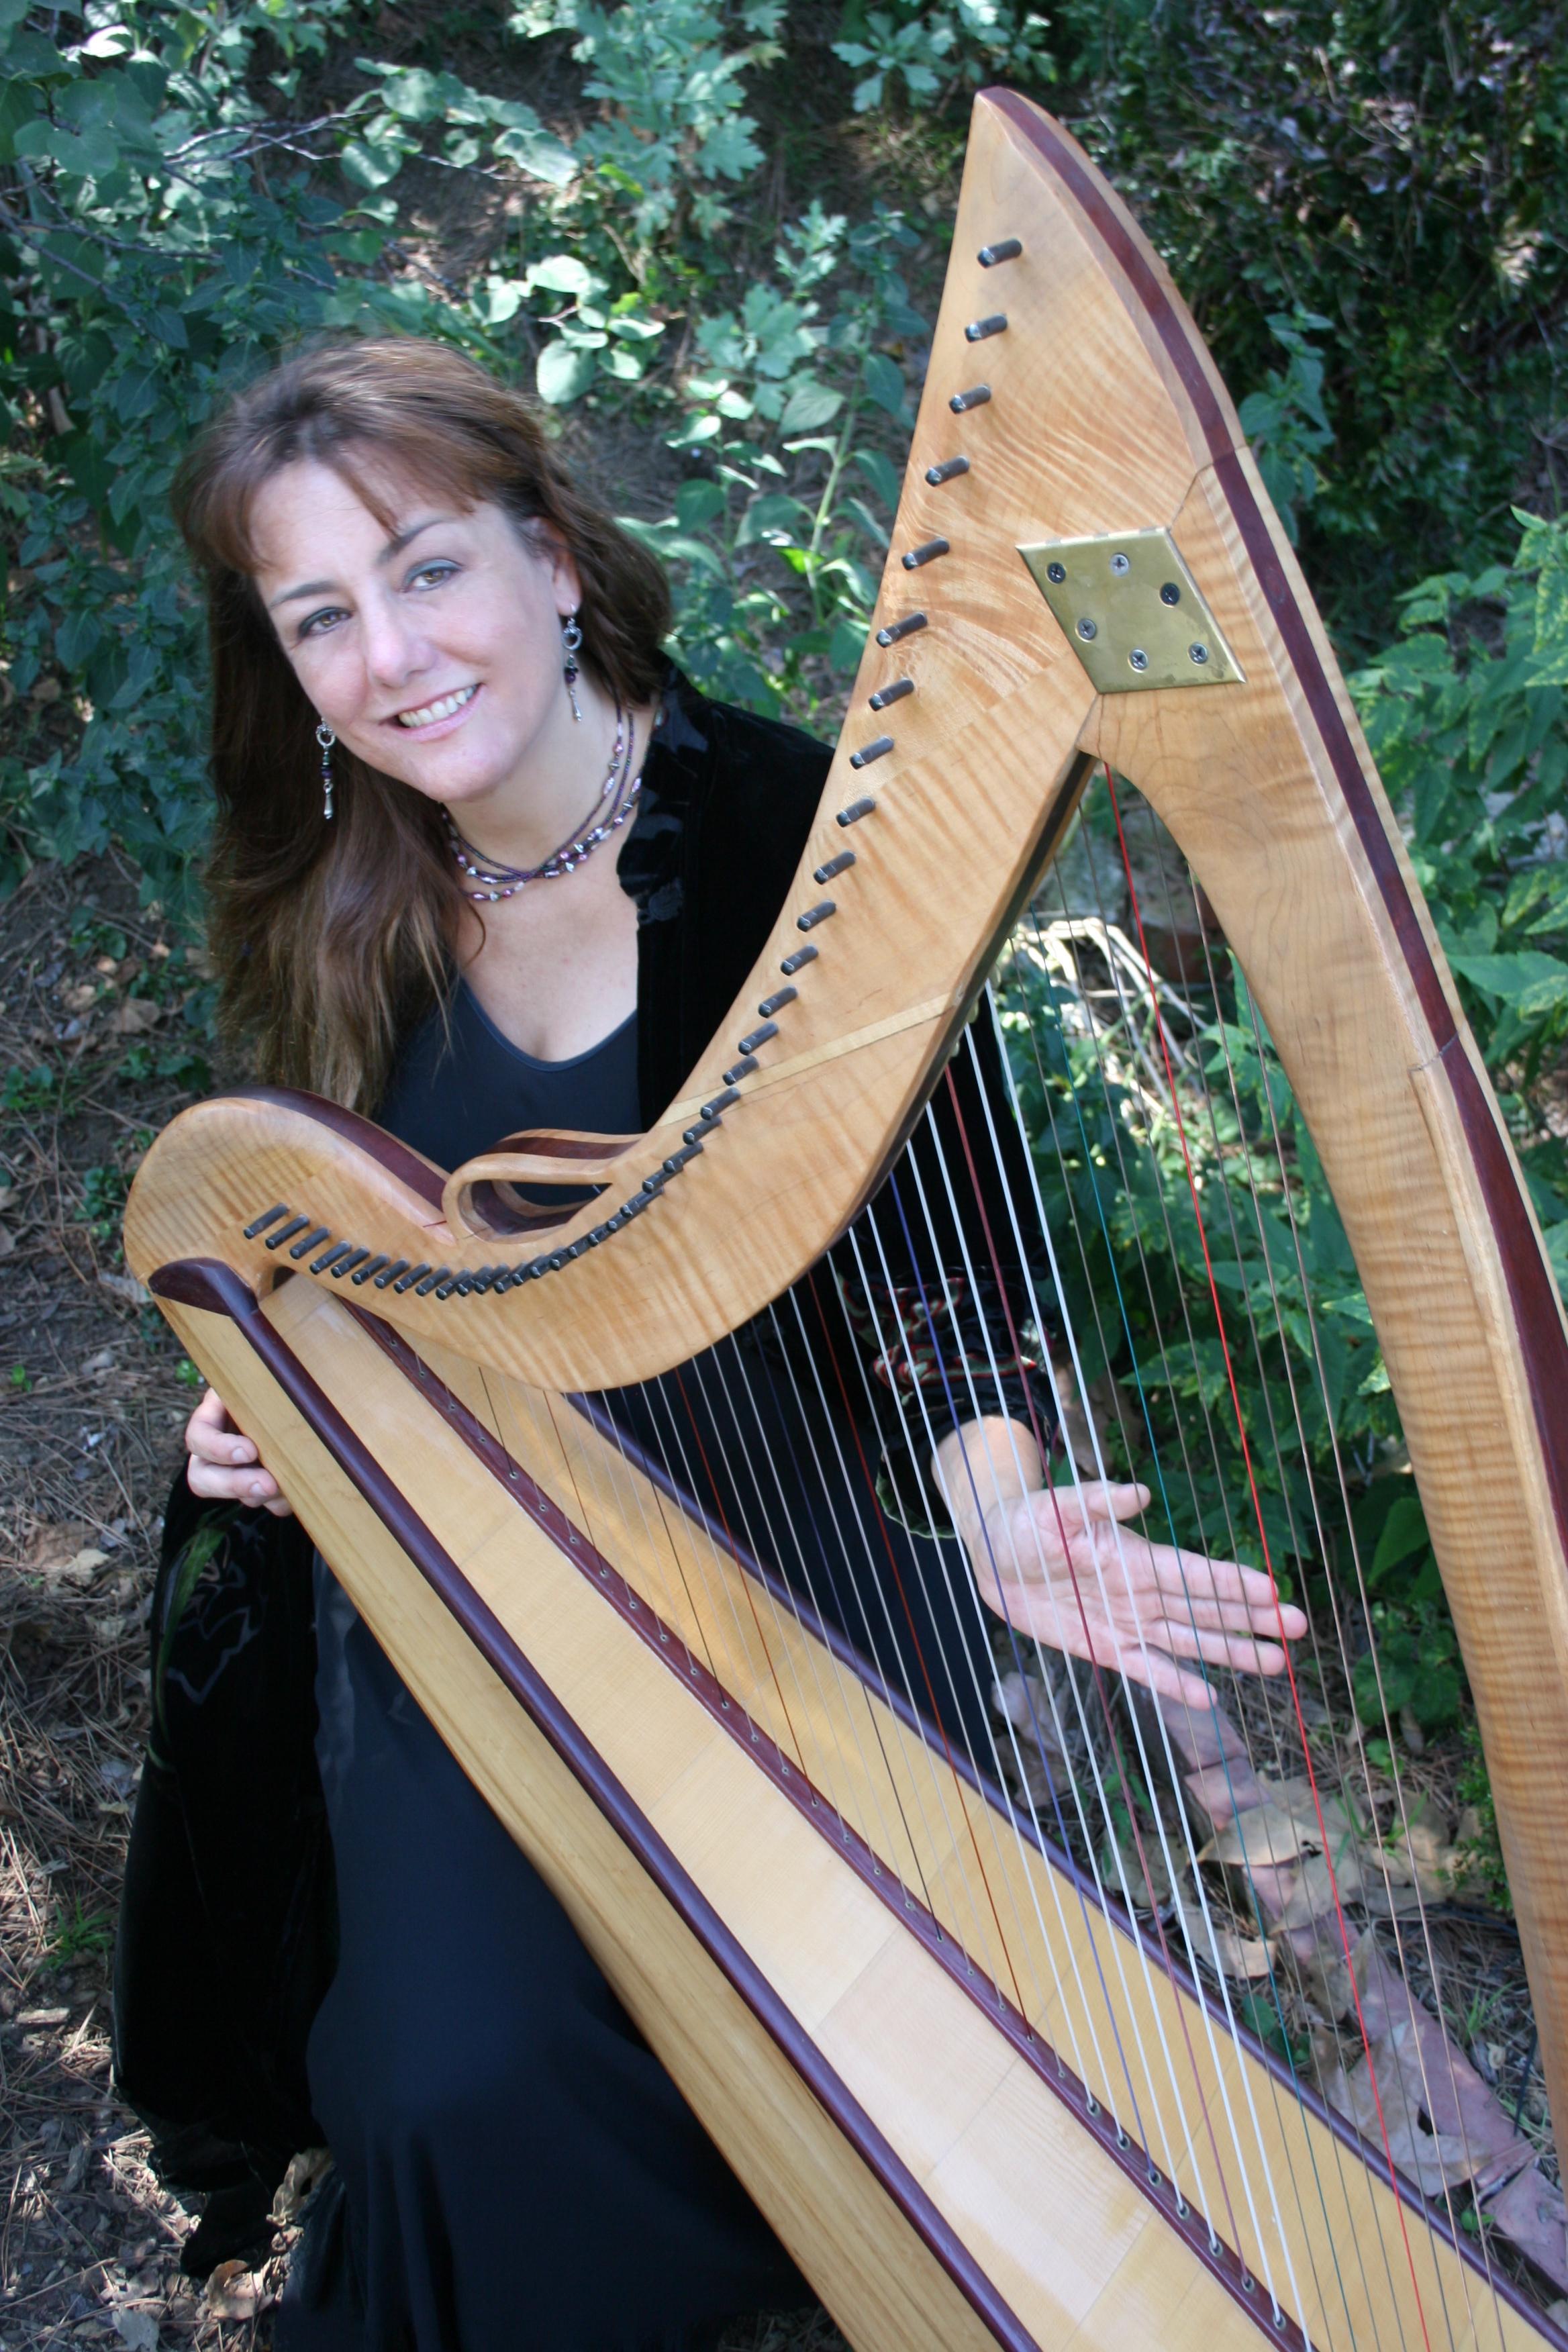 Celtic Harp Descanso Gardens